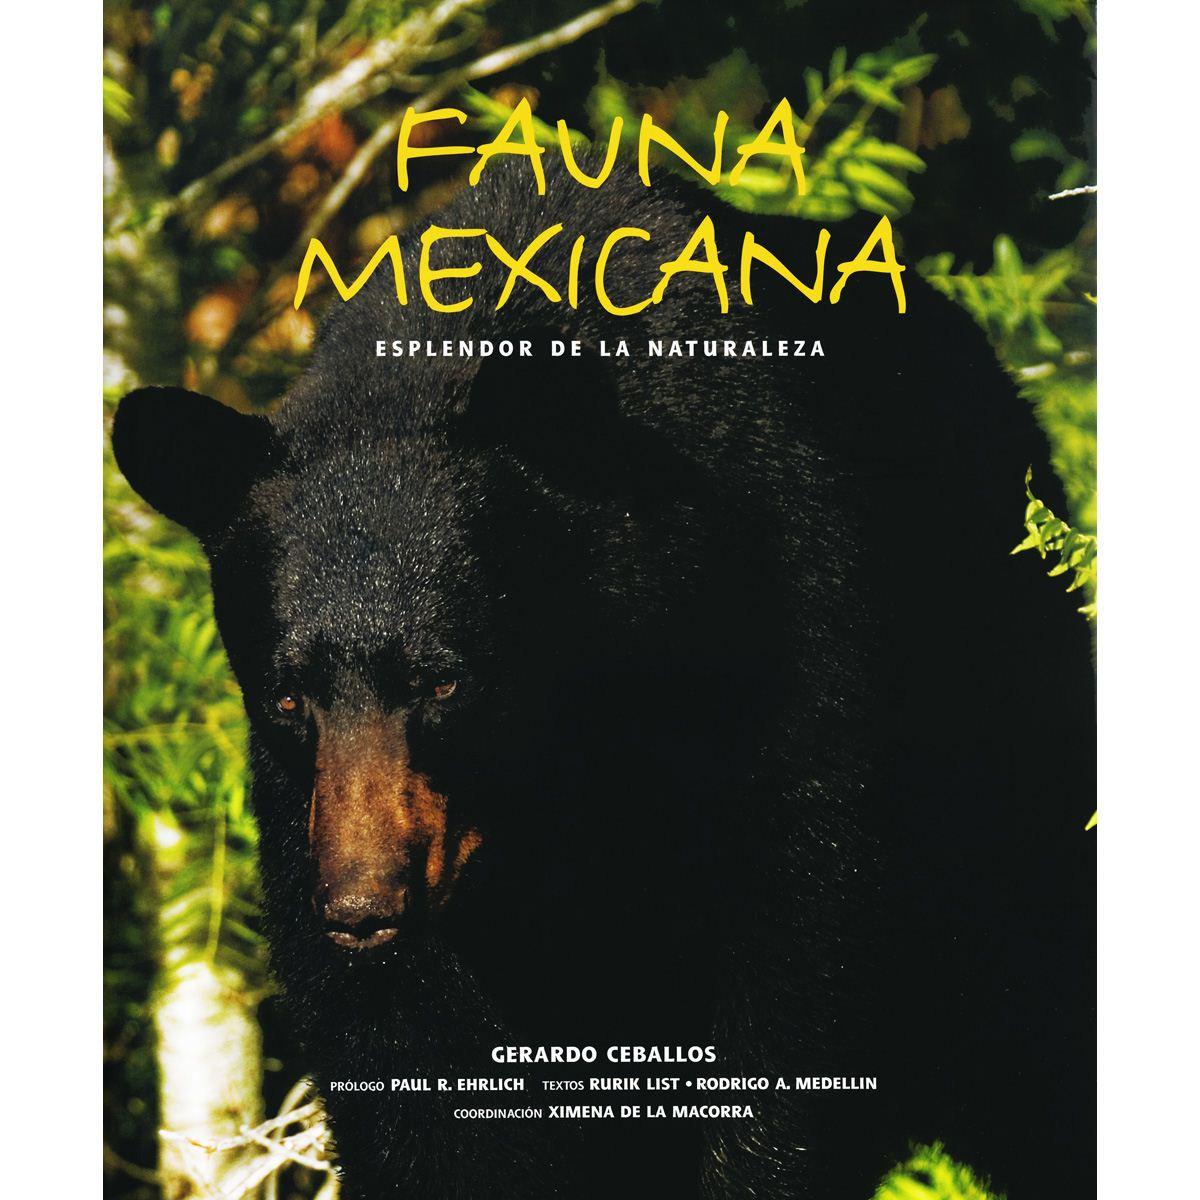 Fauna mexicana esplendor de la naturaleza Libro - Sanborns